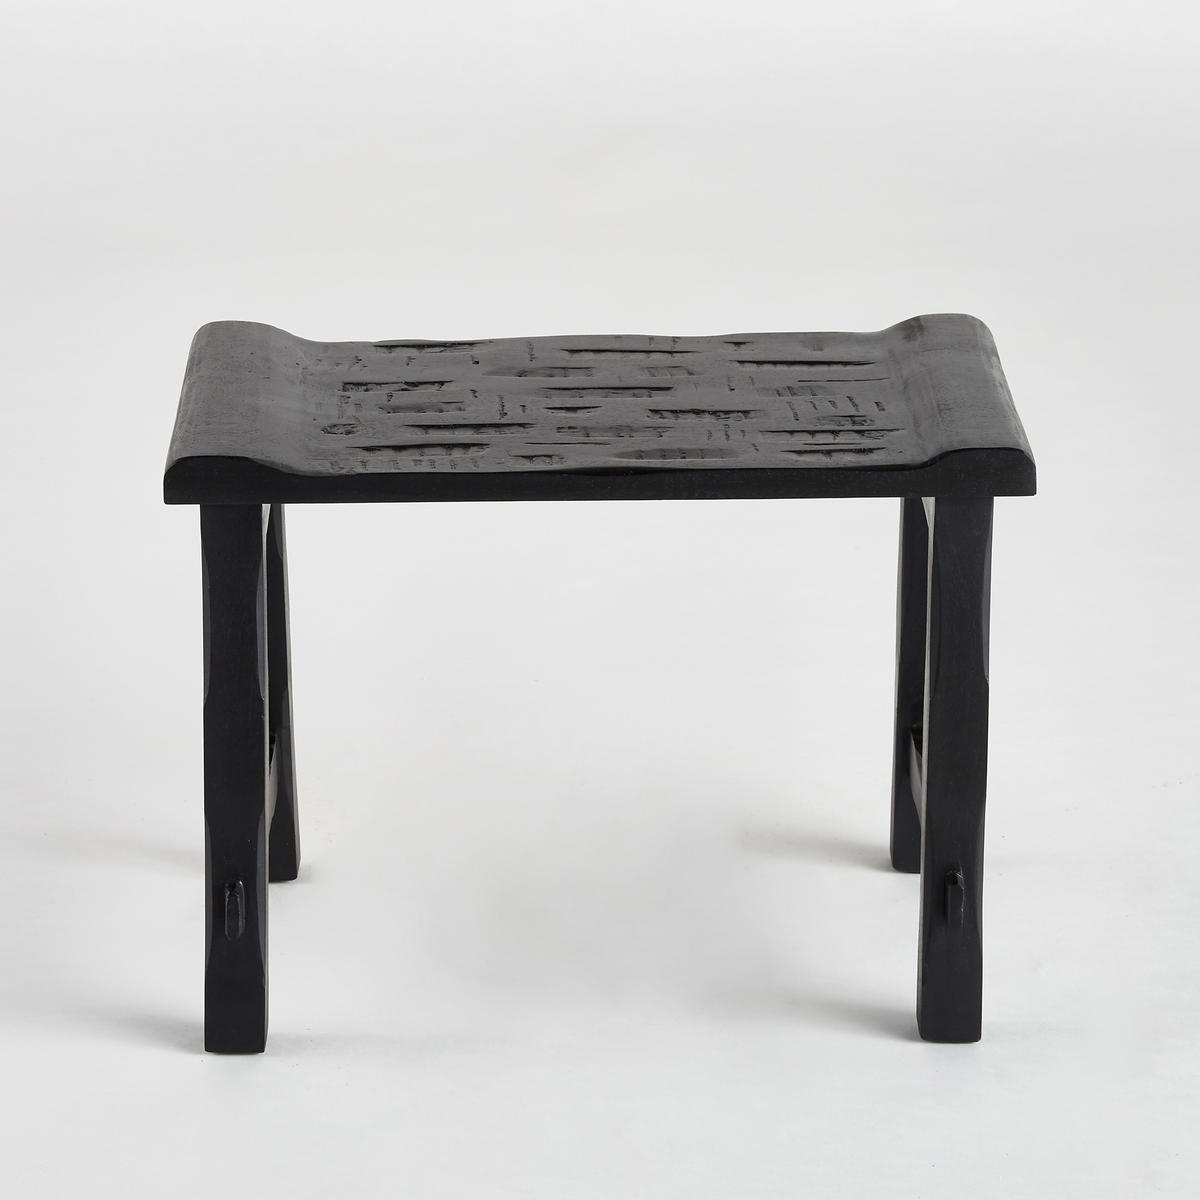 Табурет MonbriaТабурет Monbria может также использоваться как вспомогательный столик или ночной столик.Характеристики : - Из мангового дерева черного цвета - Поставляется в собранном виде Размеры : - Ш.34,5 x В.47 x Г.26,5 см Размеры и вес упаковки :- Ш.54 x В.43 x Г.34 см, 5 кг<br><br>Цвет: черный